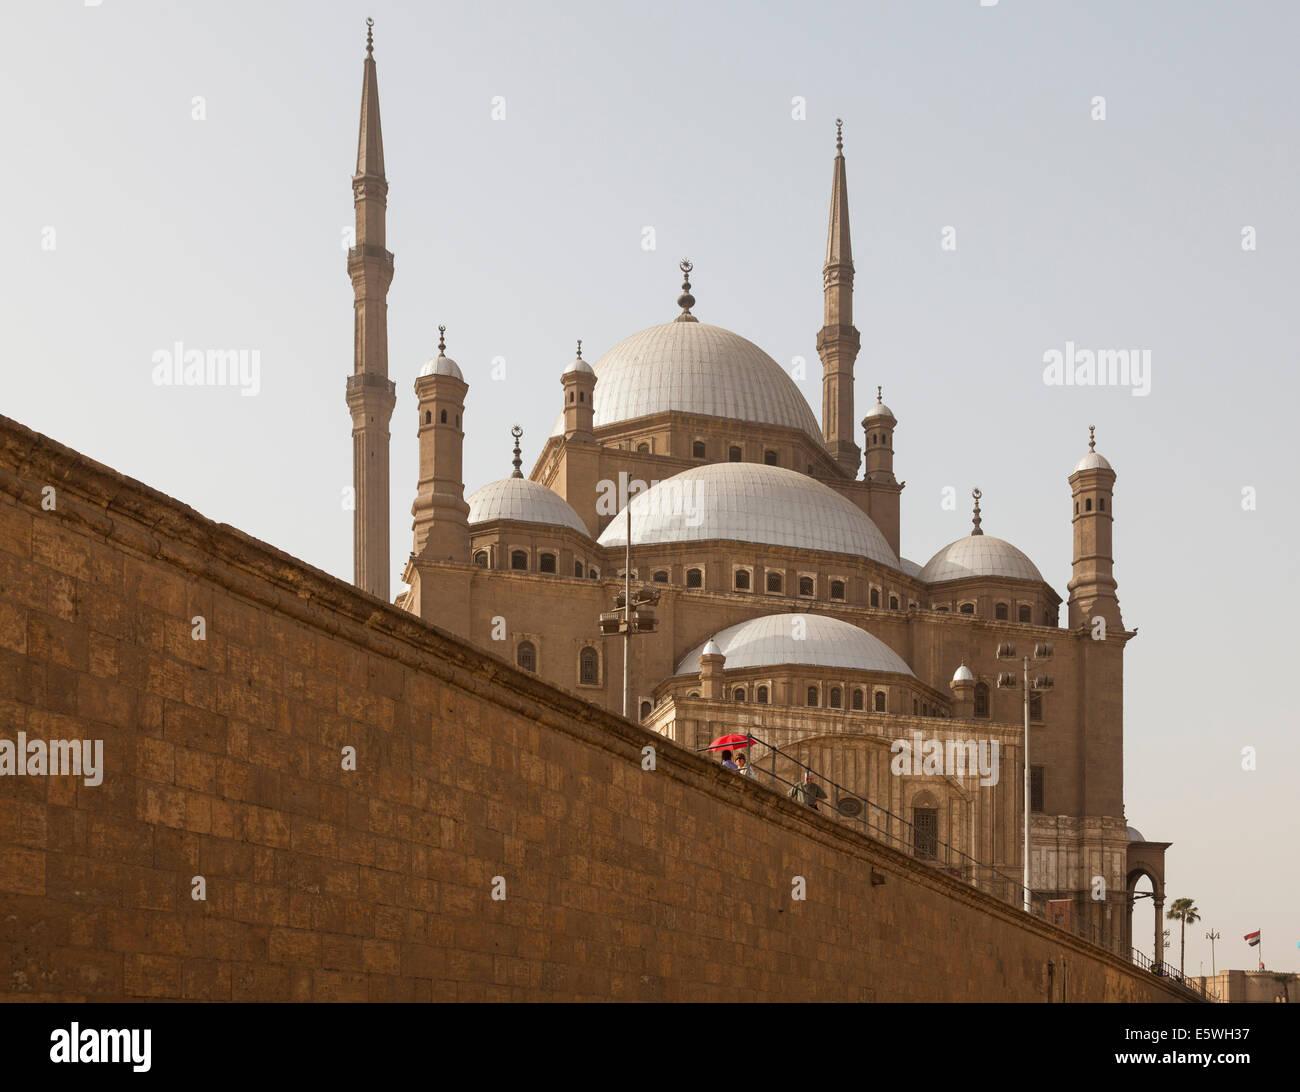 Mezquita de Alabastro o Mezquita de Muhammad Ali Pasha en la Ciudadela de El Cairo, Egipto Imagen De Stock